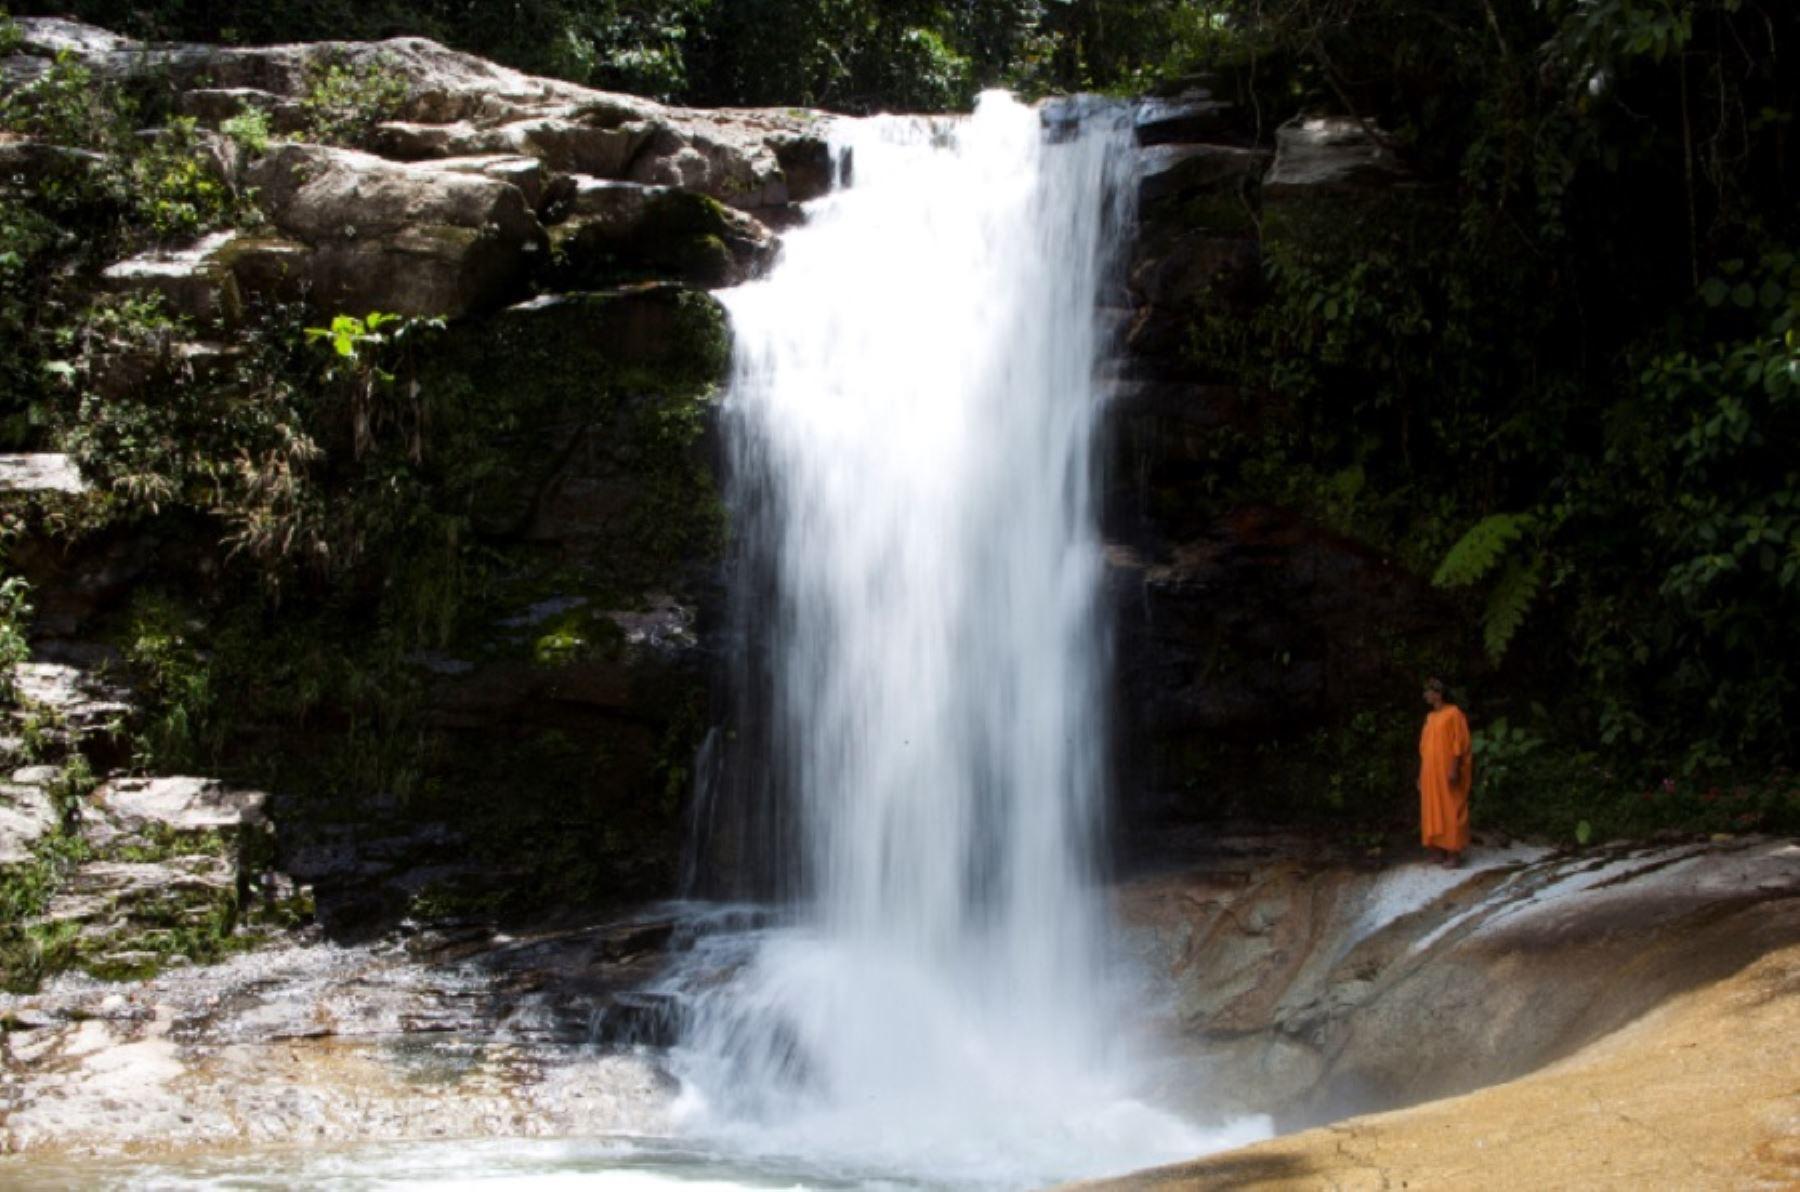 """Catarata Imperitaja, localizada en el distrito de Pangoa, en la provincia de Satipo. El nombre de esta caída de agua se traduce como """"Tina de Piedra"""" y presenta una altura de 16 metros. Las aguas de la catarata, se precipitan hacia una poza natural de cinco metros de profundidad. Foto: Promperú"""